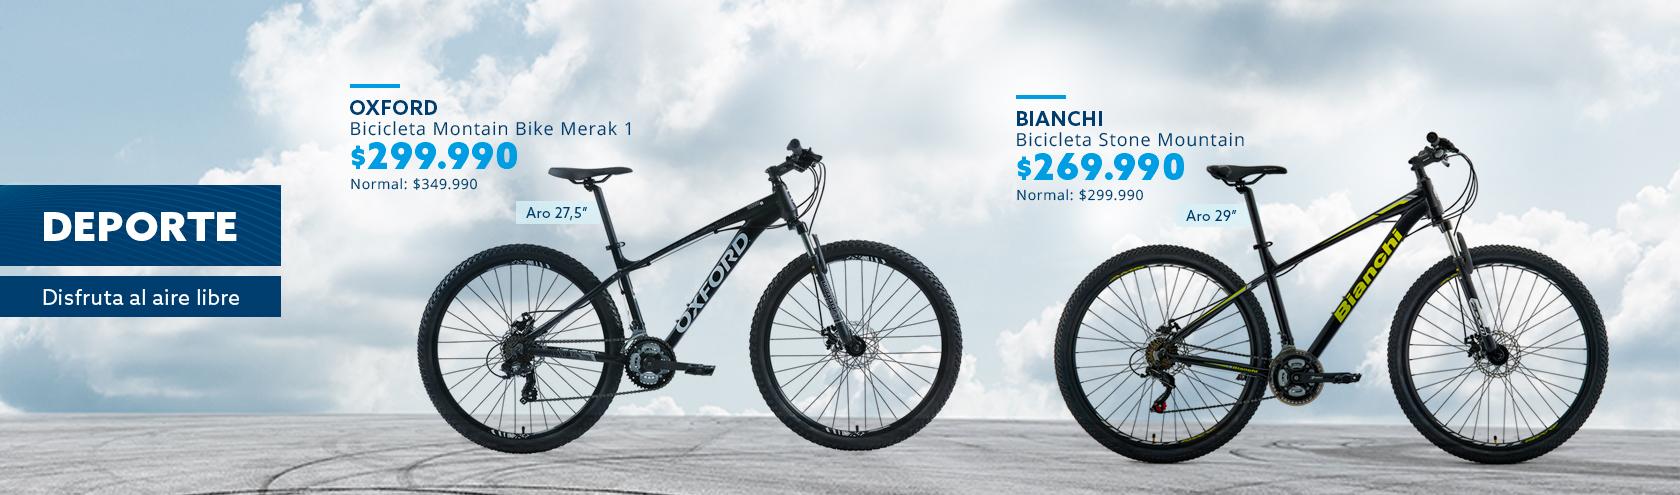 Las mejores bicicletas estan en paris